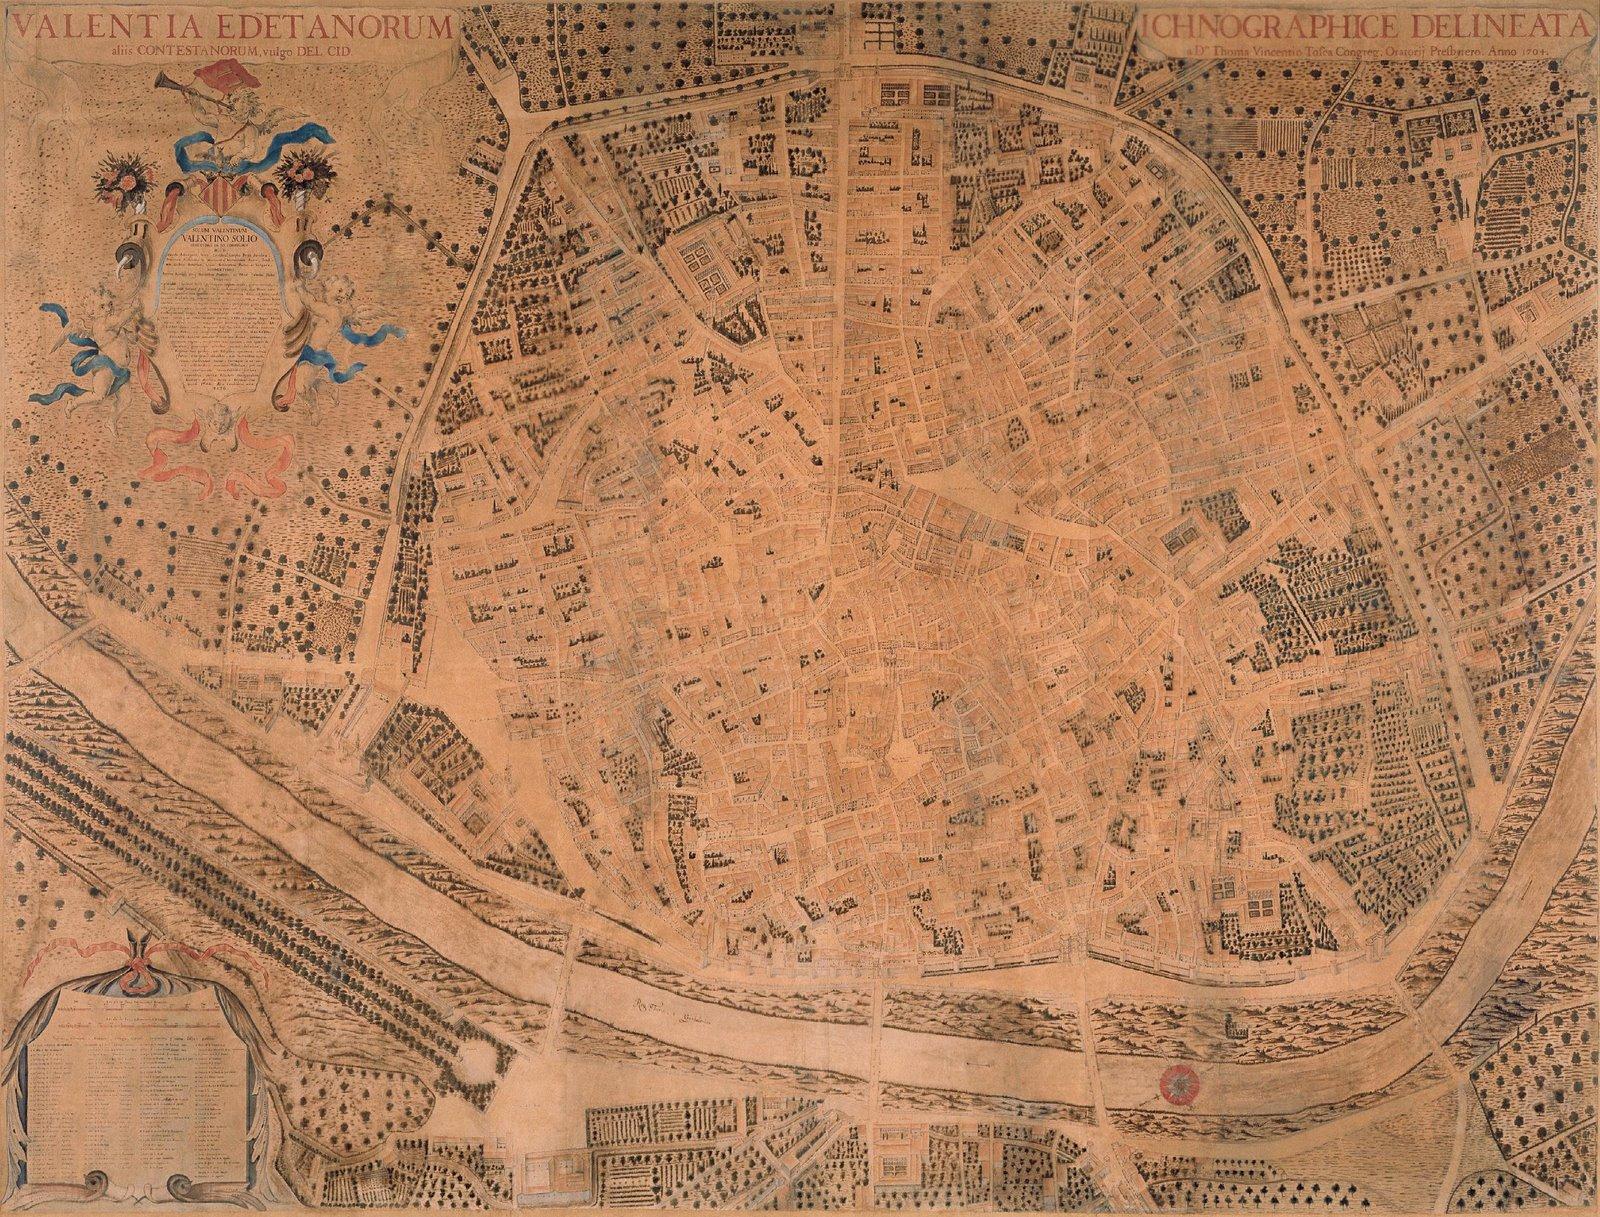 Valentia Edetanorum aliis Contestanorum, vulgo del Cid 1704